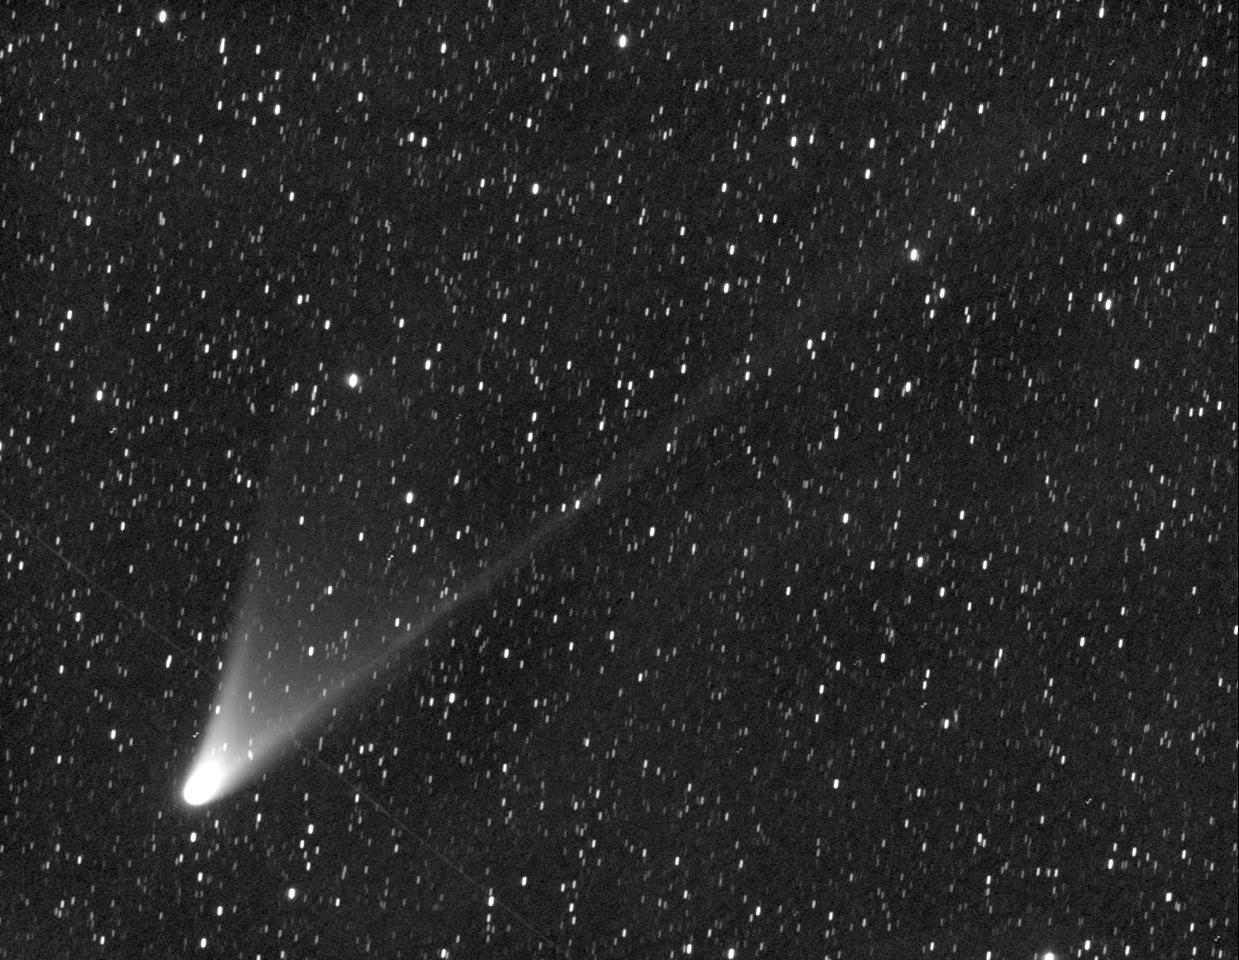 CometPANSTARRS_by_T.Lovejoy-Australia_HR.jpeg